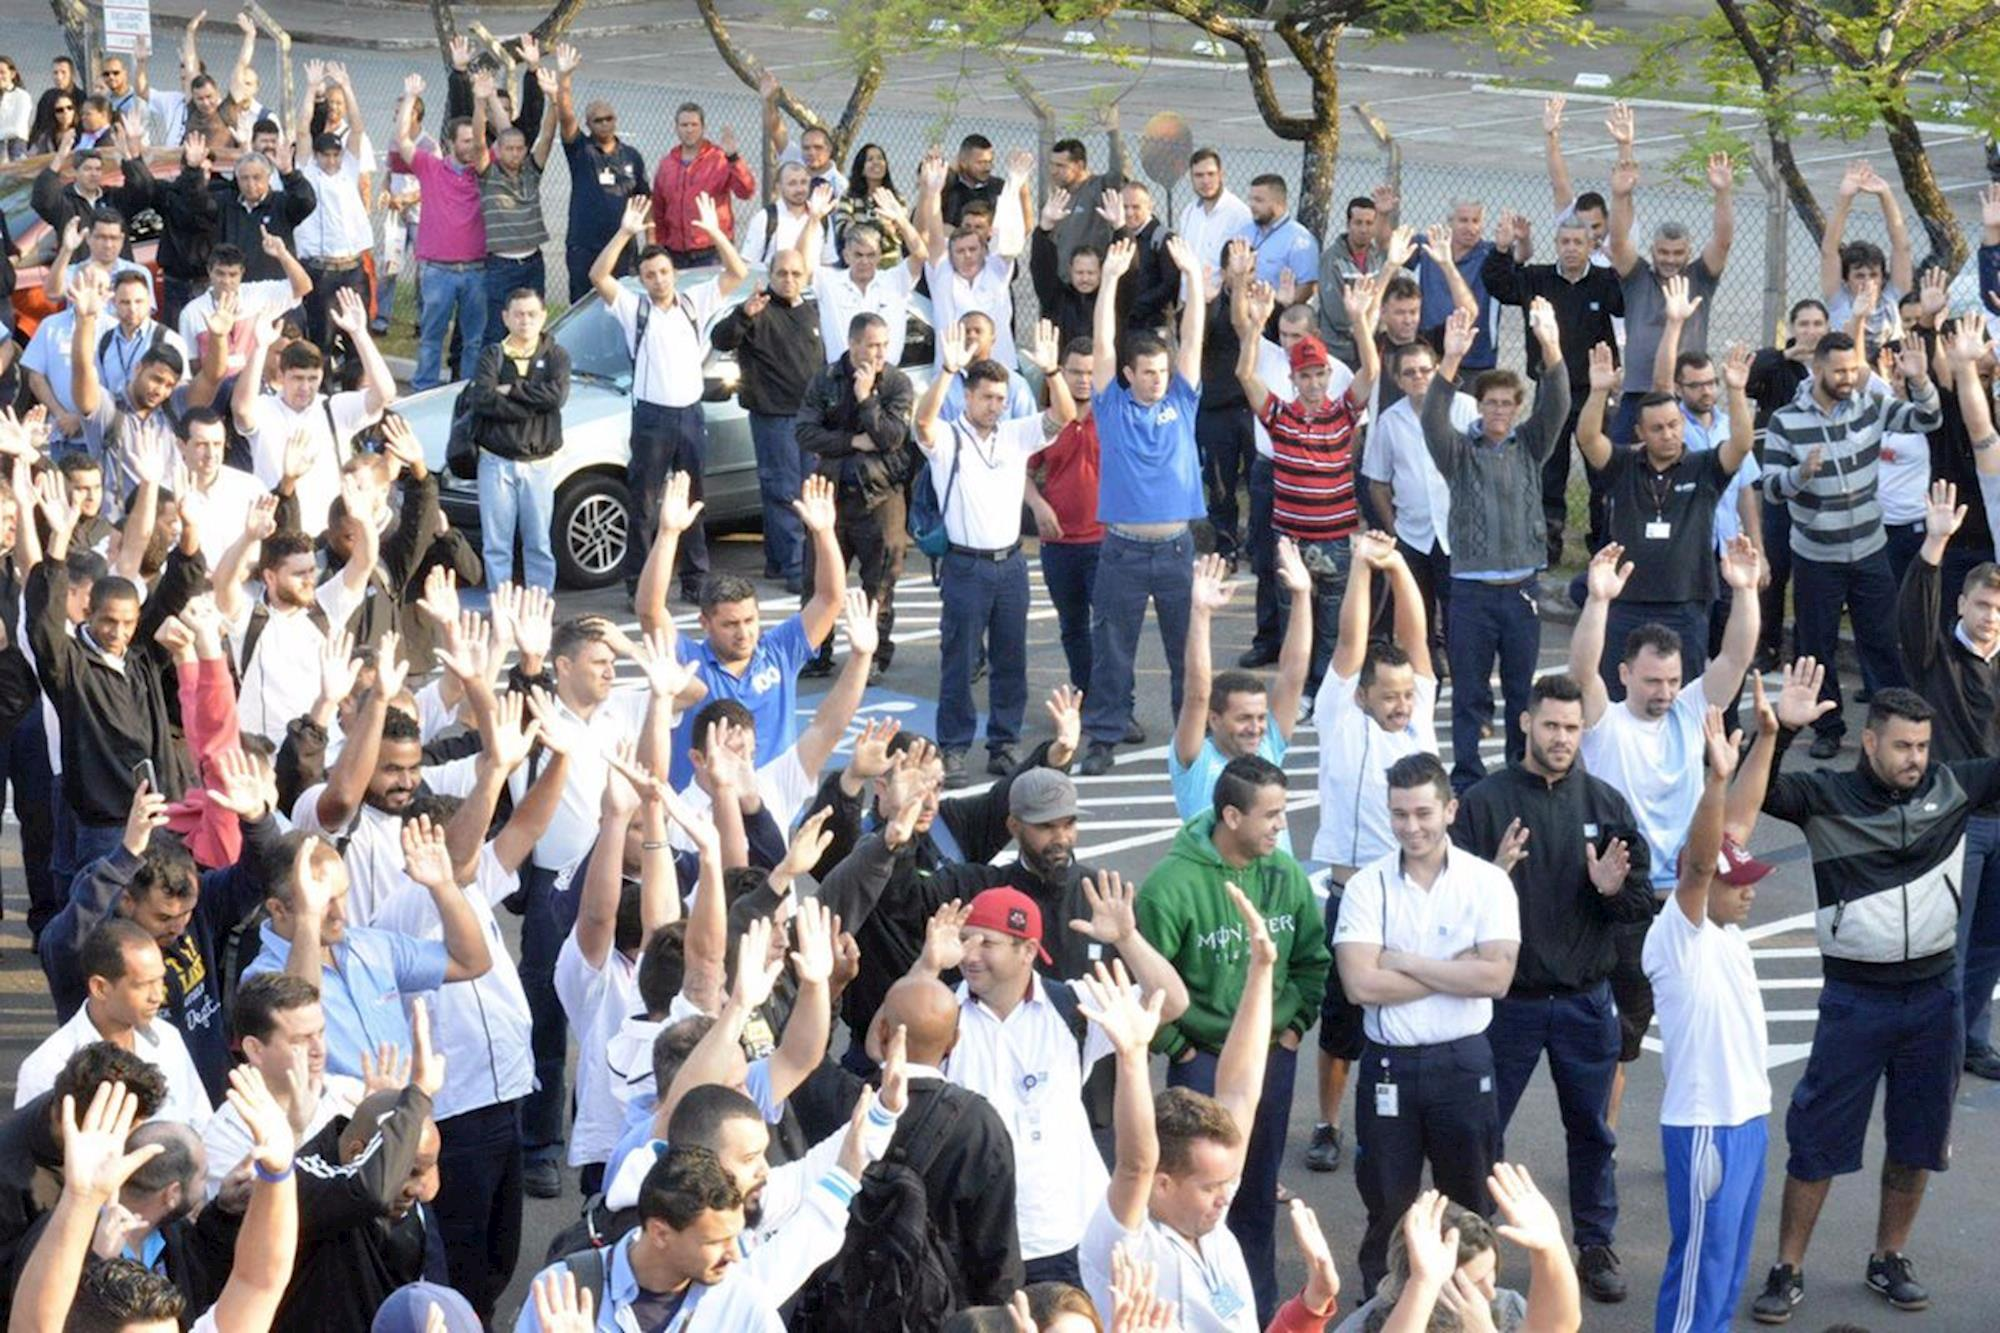 zf, campanha, protesto, Foguinho/Imprensa SMetal